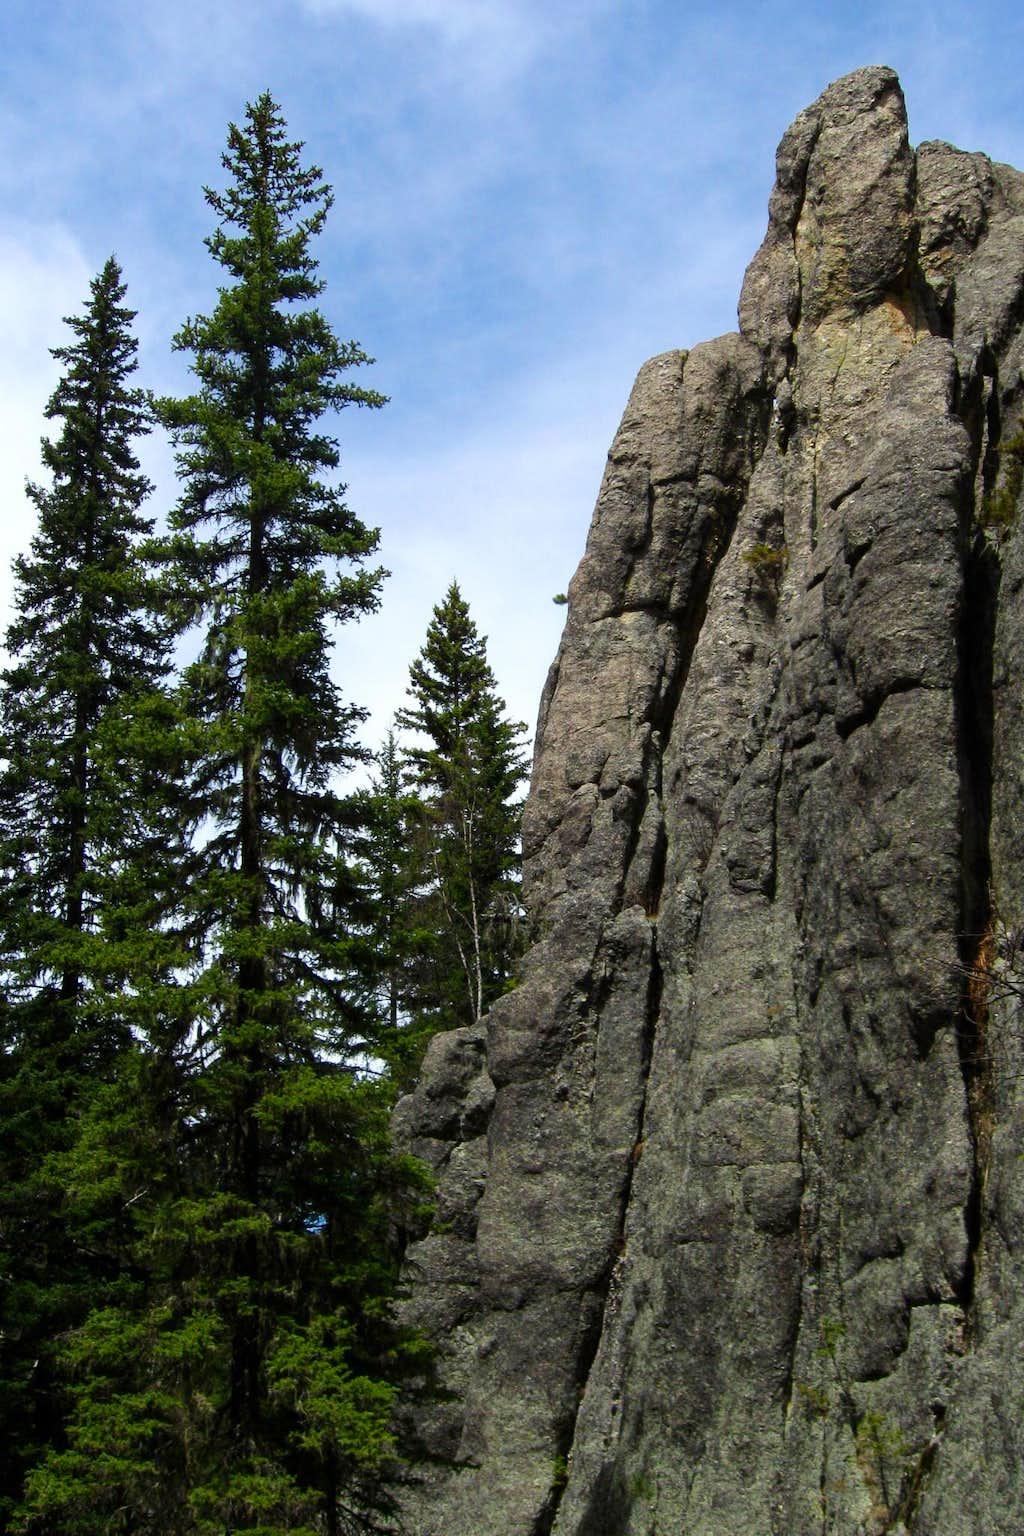 Trees & Rock